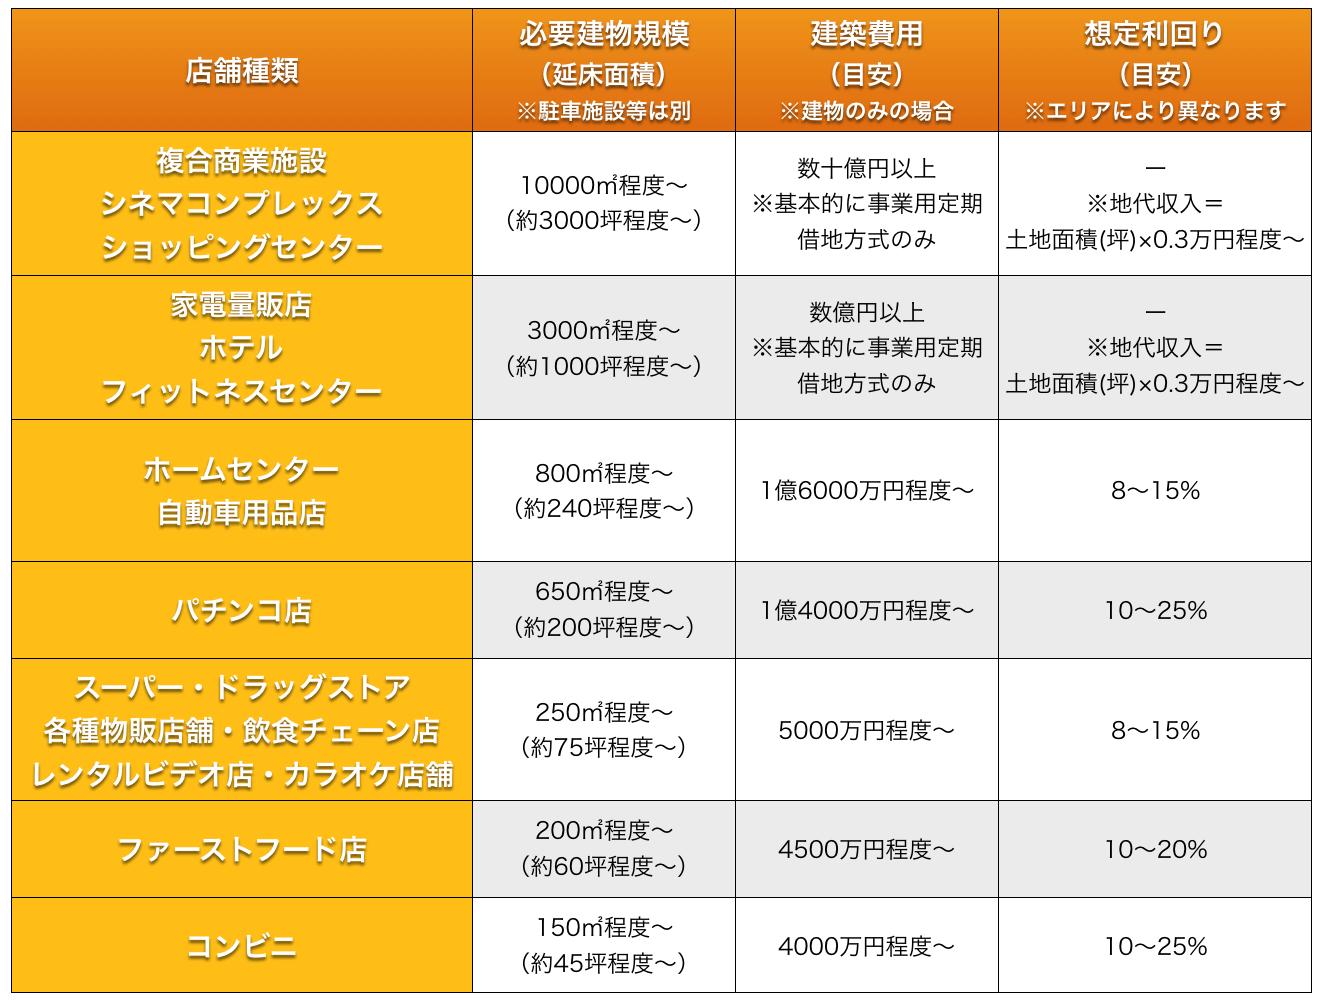 スクリーンショット 2016-05-02 20.28.06